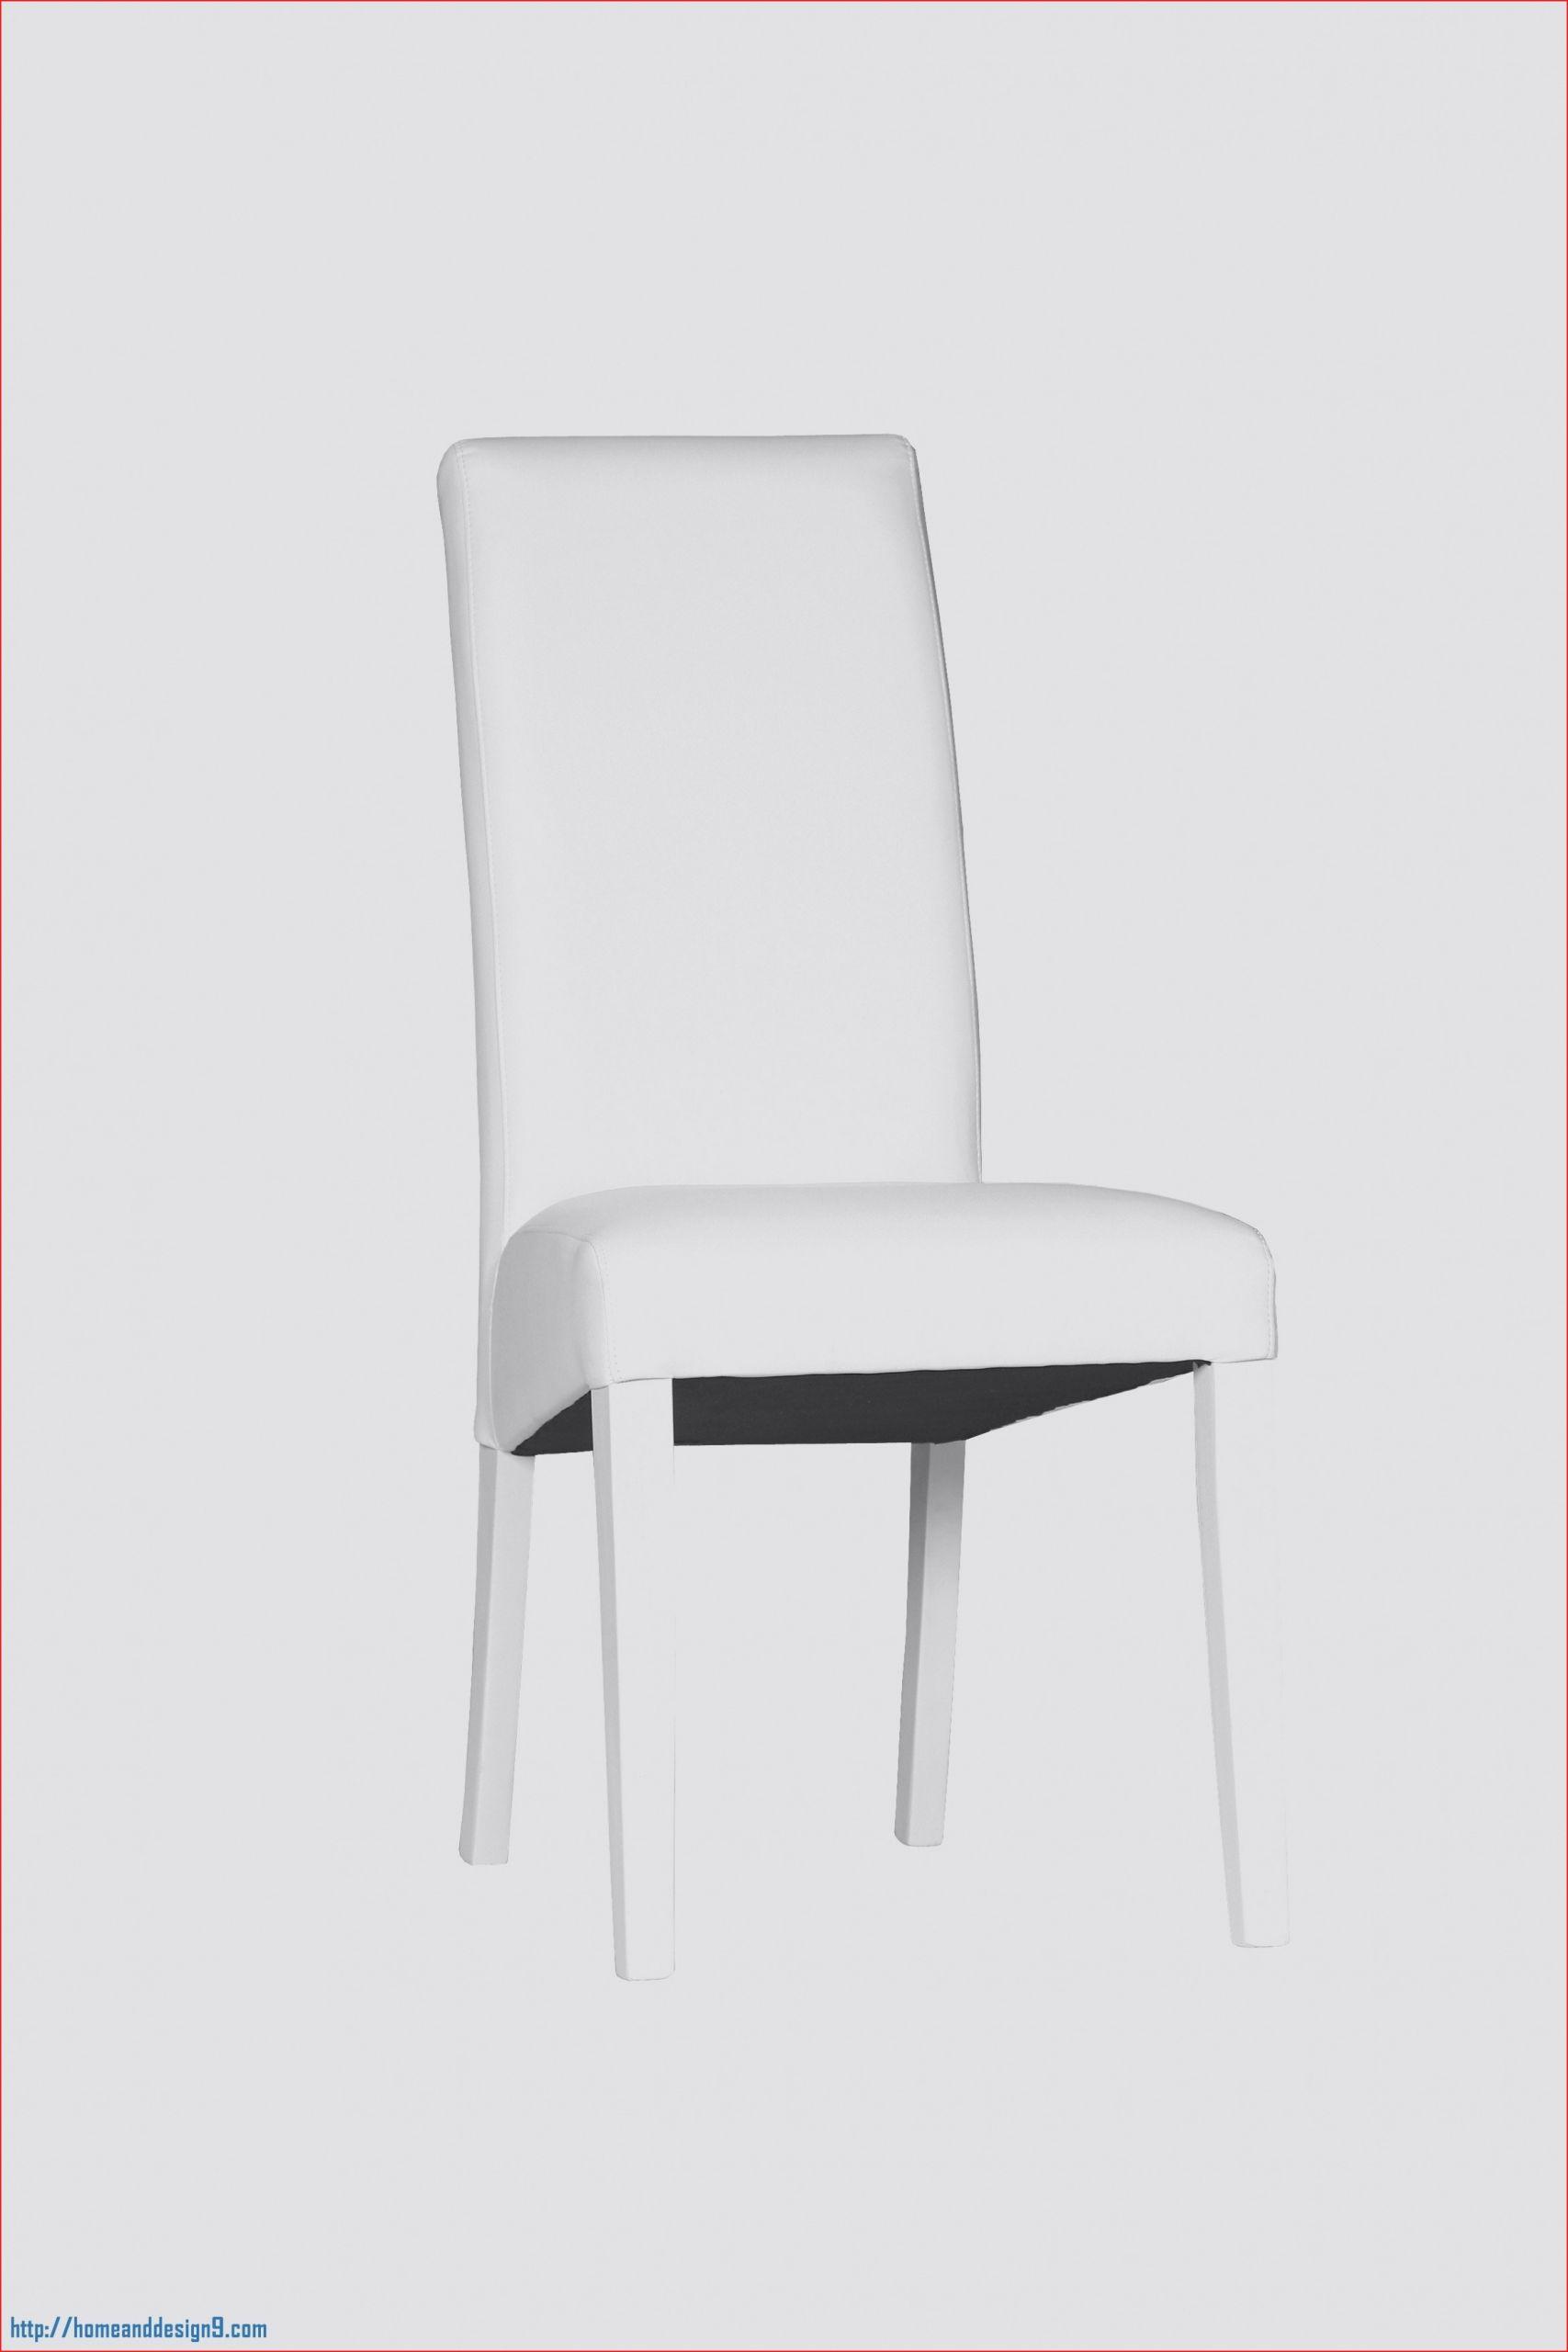 Table De Jardin Ronde Best Of Génial Chaise Disign Galerie De Chaise Idée 2019 Of 35 Beau Table De Jardin Ronde